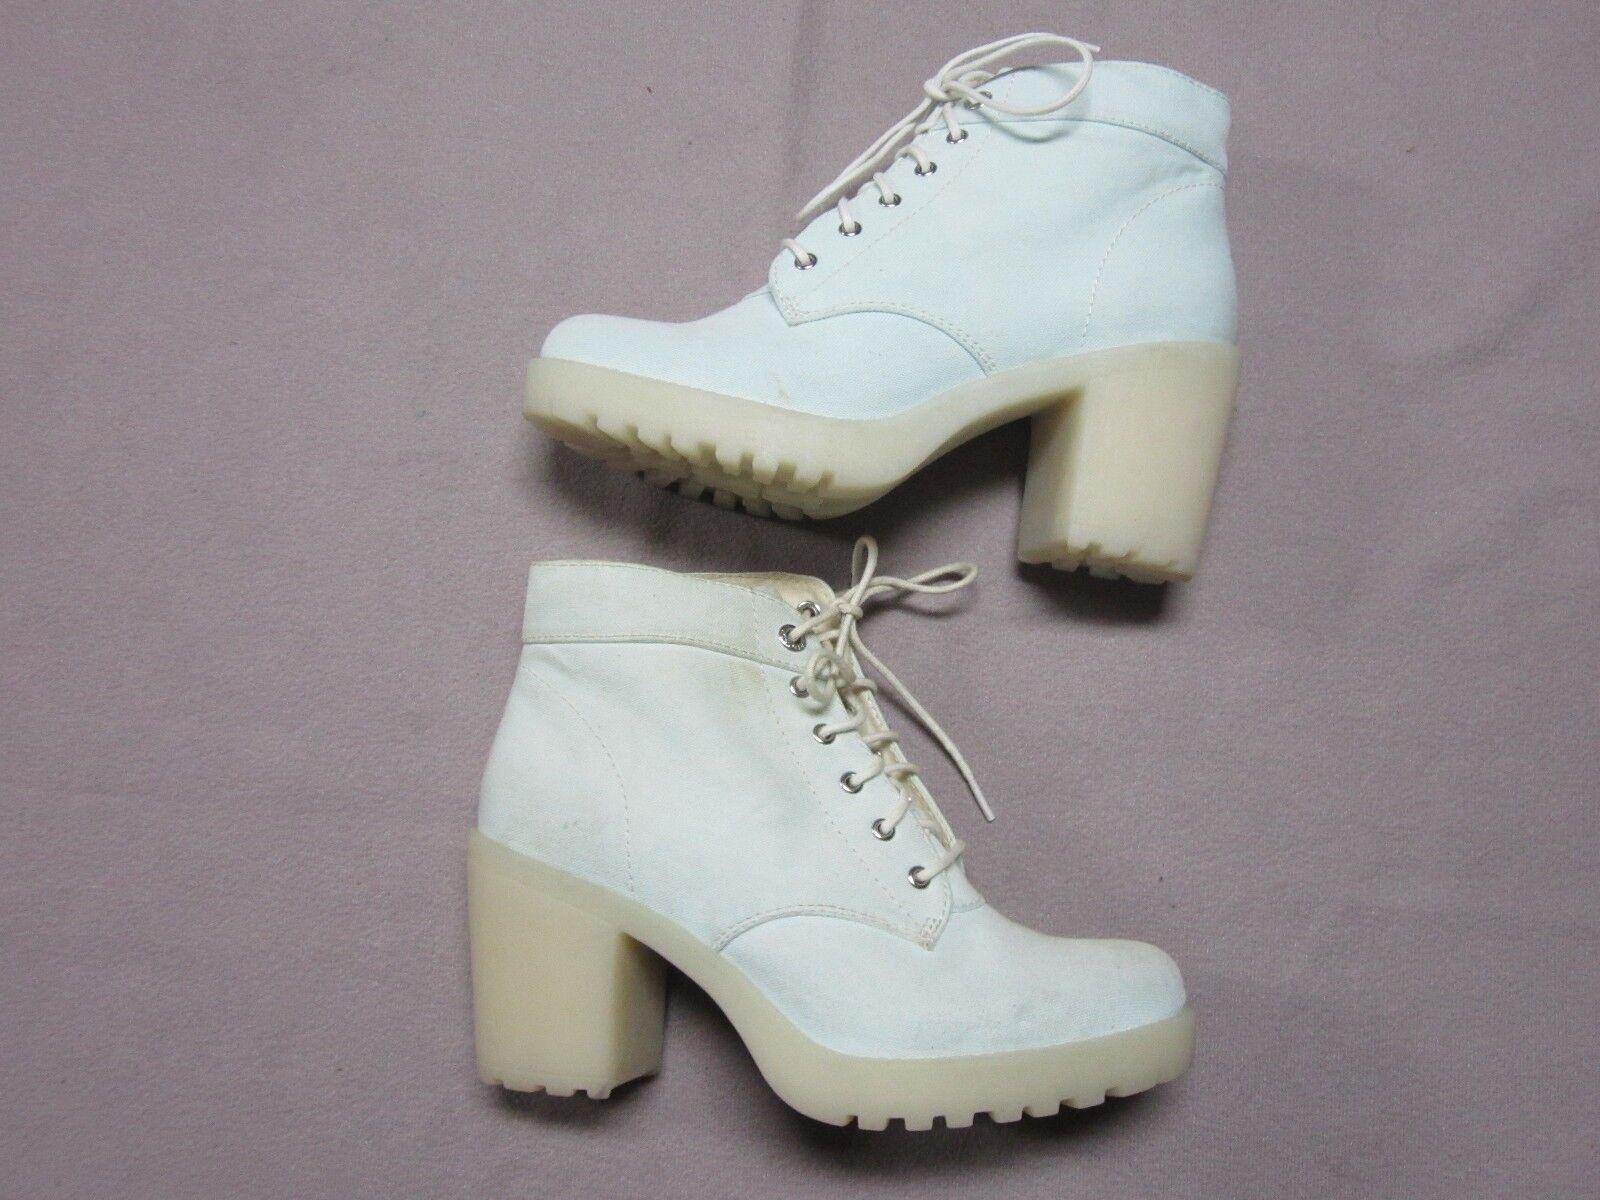 VAGABOND BRAND Damenschuhe MINT LIGHT Blau CLEAR RUBBER HEELS Schuhe SIZE 6 NEU RARE